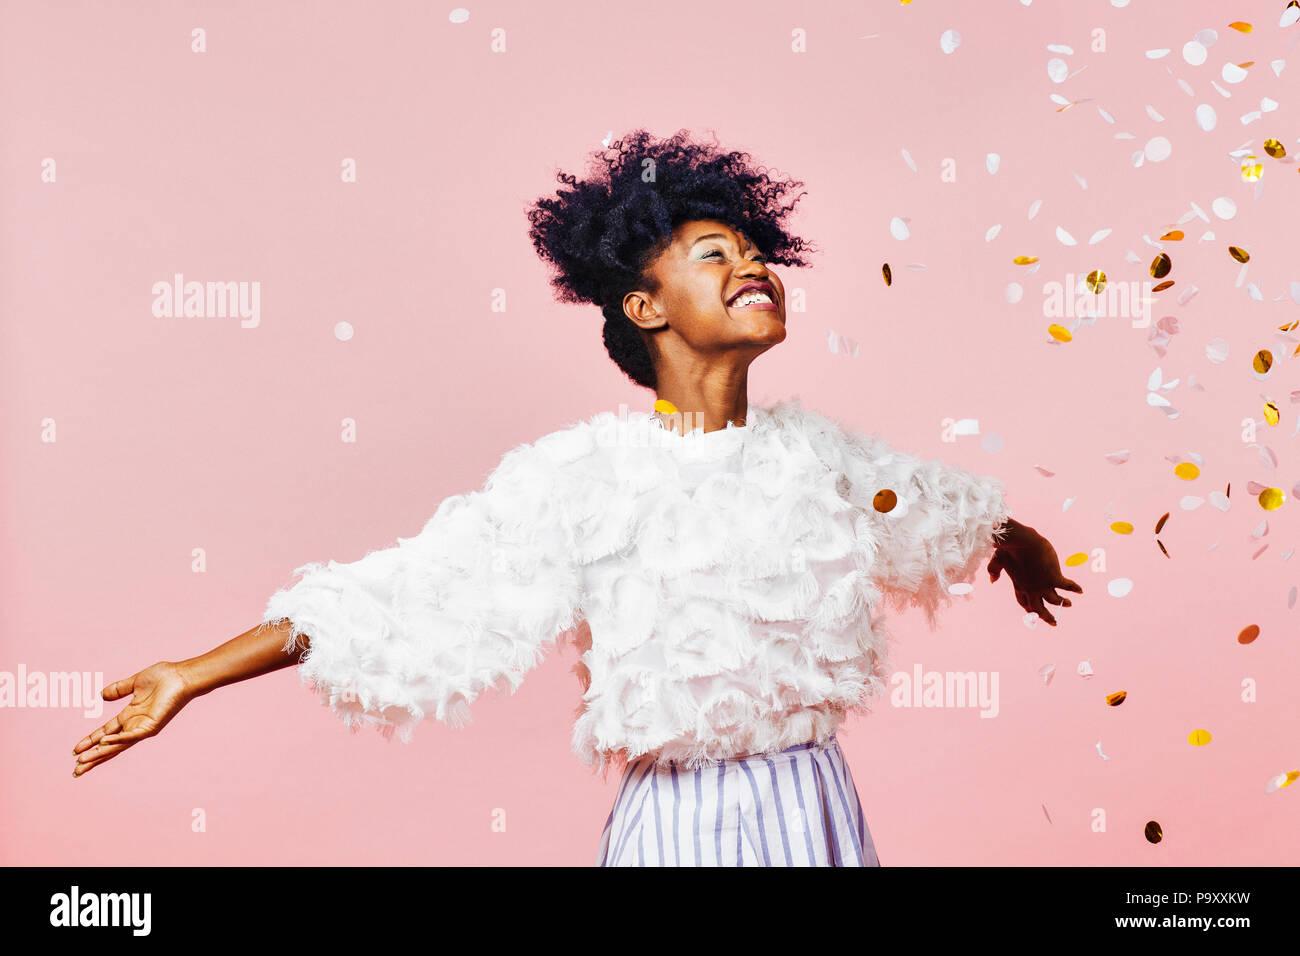 Un moment magique - Portrait d'une très bonne fille avec les bras, souriant à confettis tombant Banque D'Images